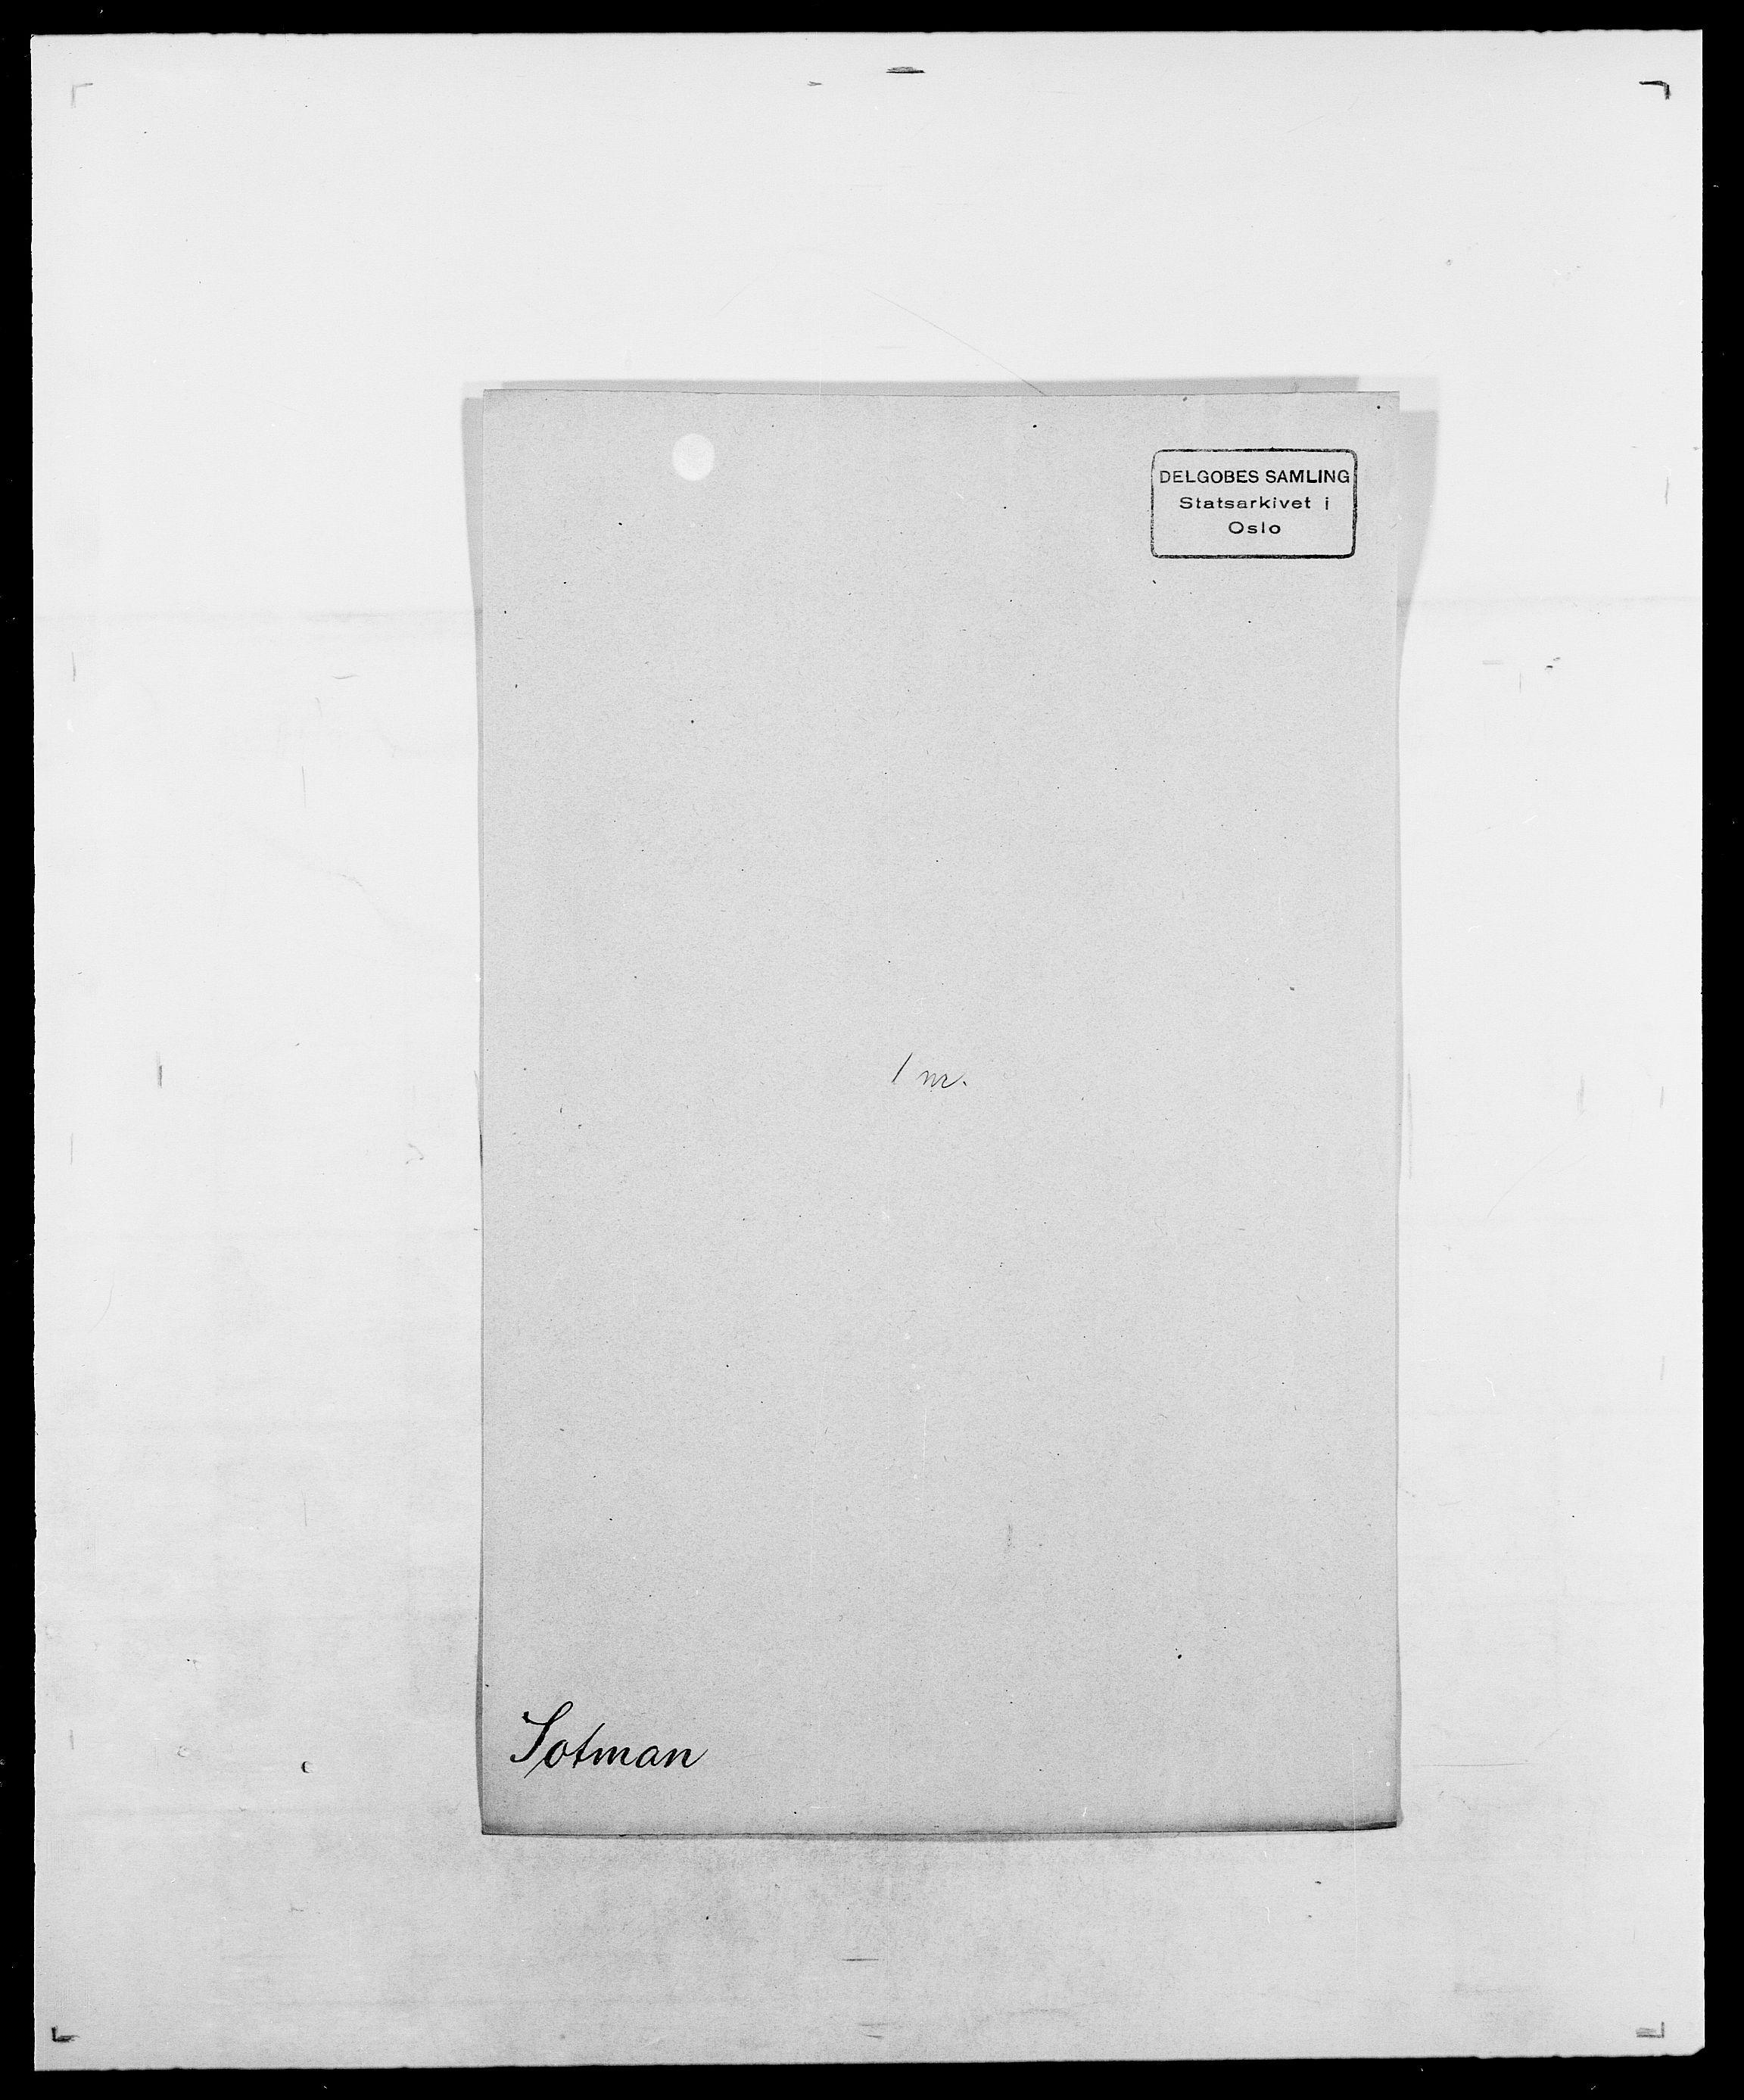 SAO, Delgobe, Charles Antoine - samling, D/Da/L0036: Skaanør - Staverskov, s. 500